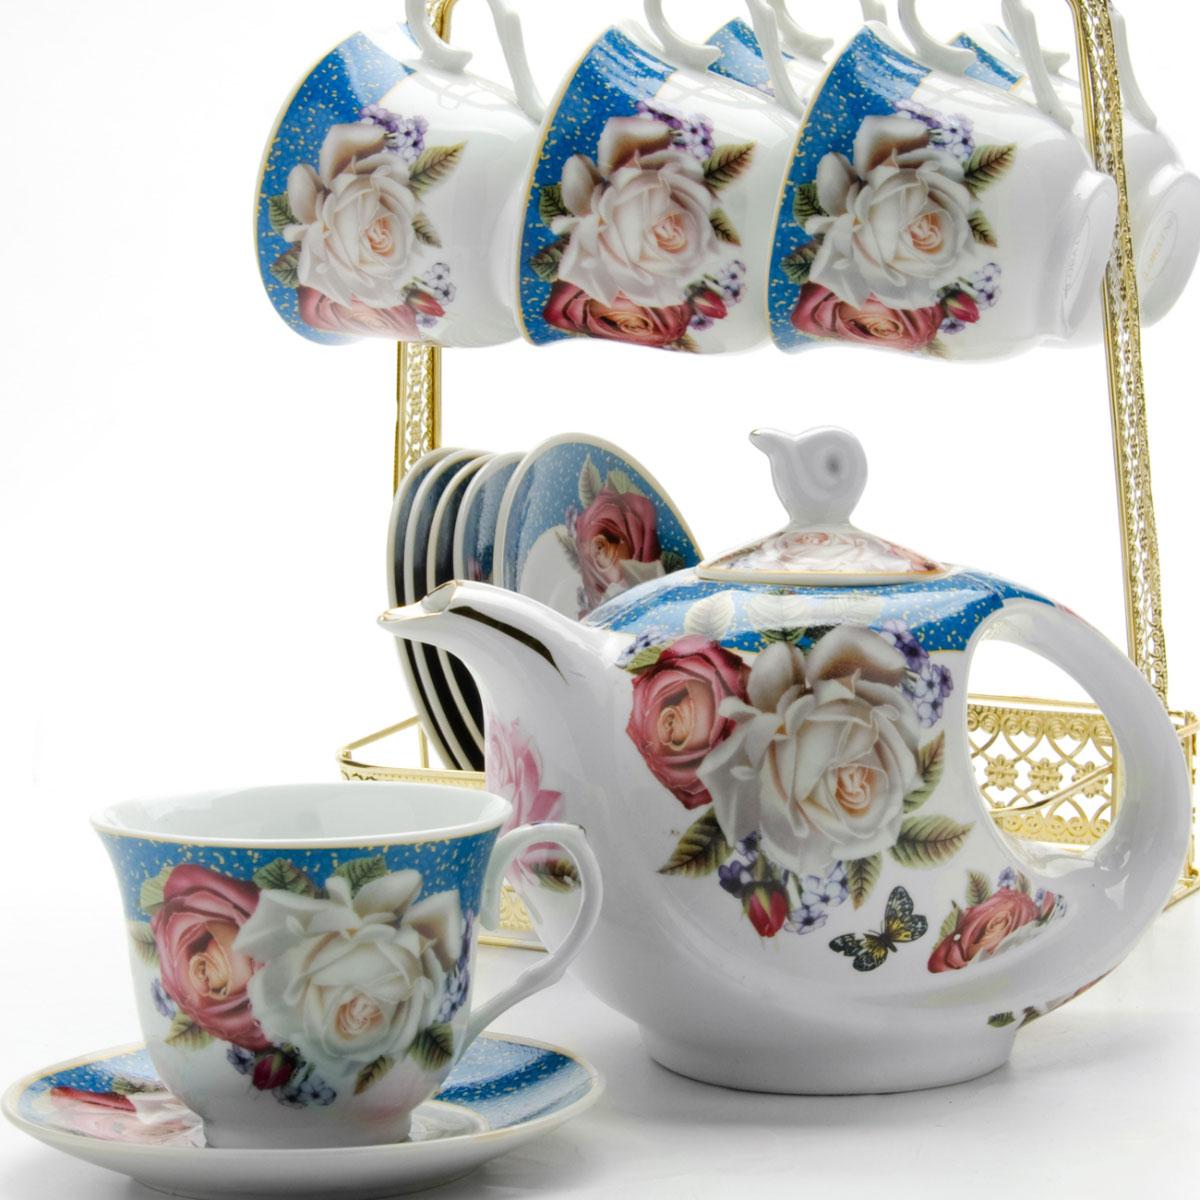 """Чайный набор """"Loraine"""" состоит из шести чашек, шести блюдец и заварочного чайника. Предметы набора изготовлены из керамики и оформлены изображением цветов и бабочек. Все предметы располагаются на удобной металлической подставке с ручкой. Элегантный дизайн набора придется по вкусу и ценителям классики, и тем, кто предпочитает утонченность и изысканность. Он настроит на позитивный лад и подарит хорошее настроение с самого утра. Чайный набор идеально подойдет для сервировки стола и станет отличным подарком к любому празднику.    Объем чашки: 220 мл.  Объем чайника: 950 мл.  Диаметр блюдца: 13,5 см."""